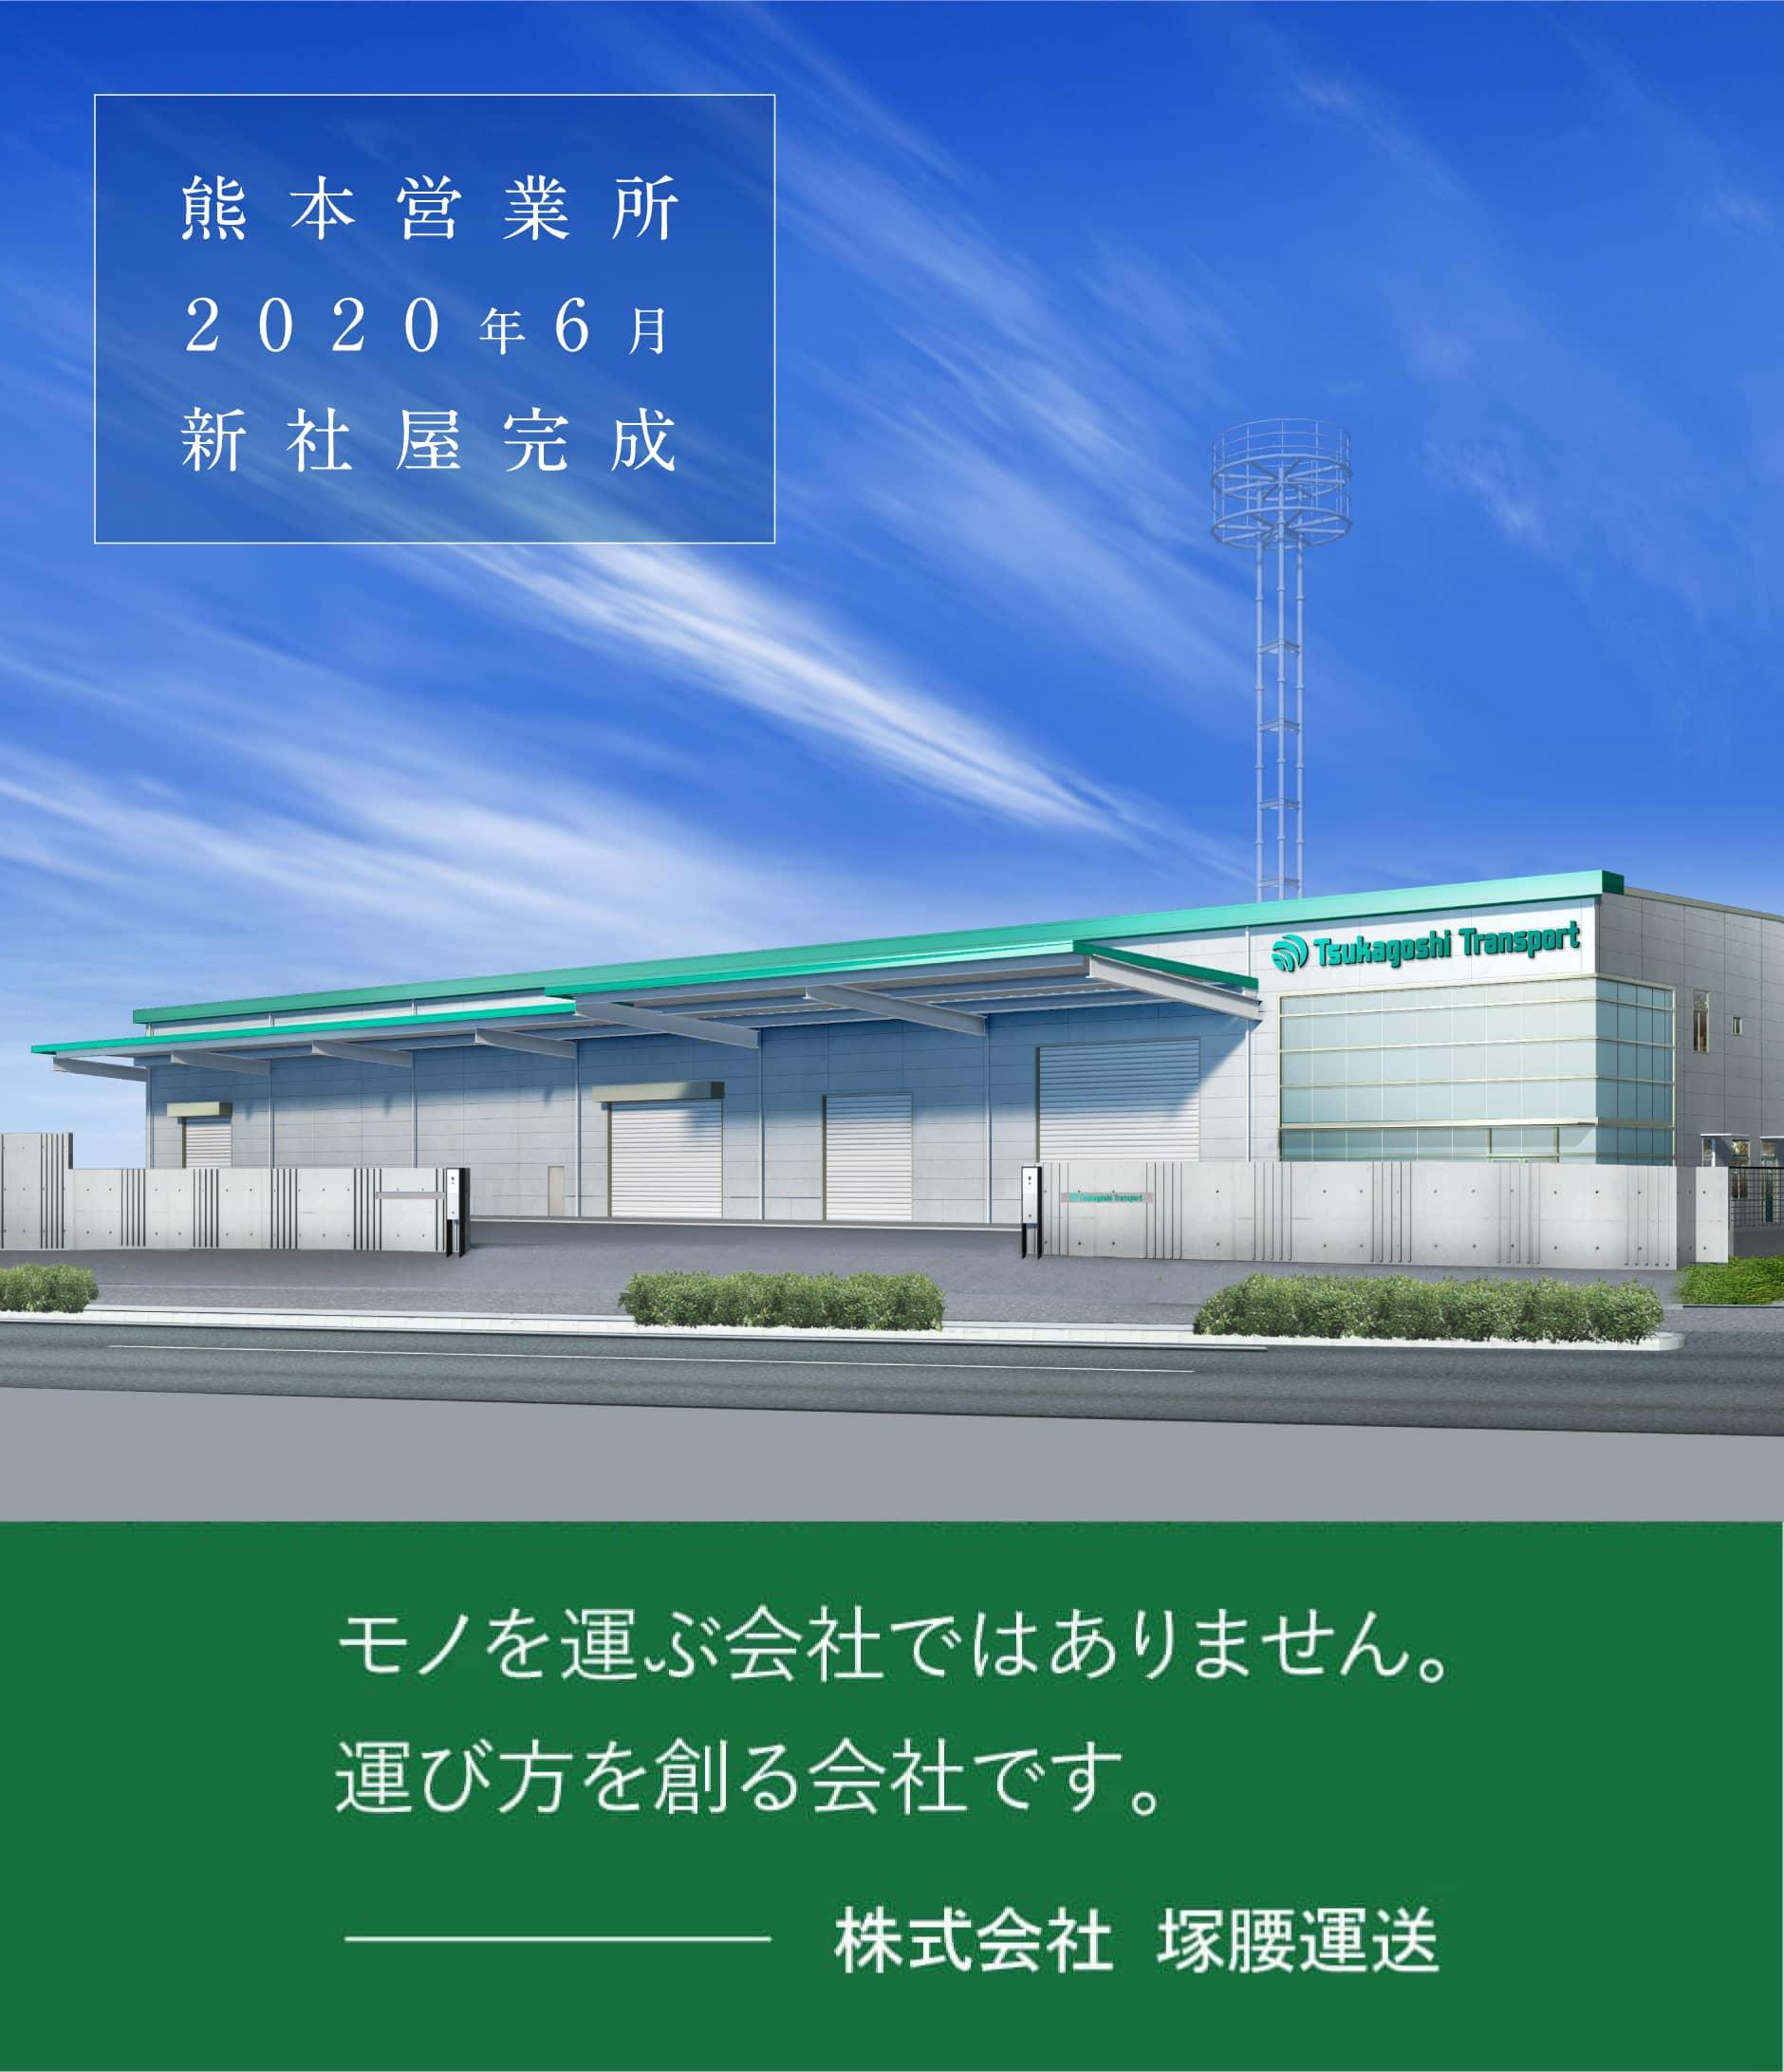 熊本営業所2020年6月新社屋完成